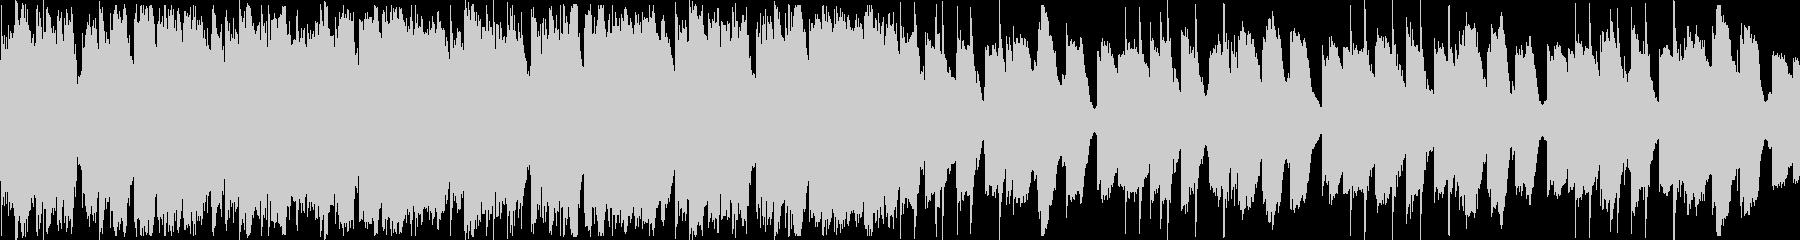 ロックトロニカのグルーヴのエレクト...の未再生の波形